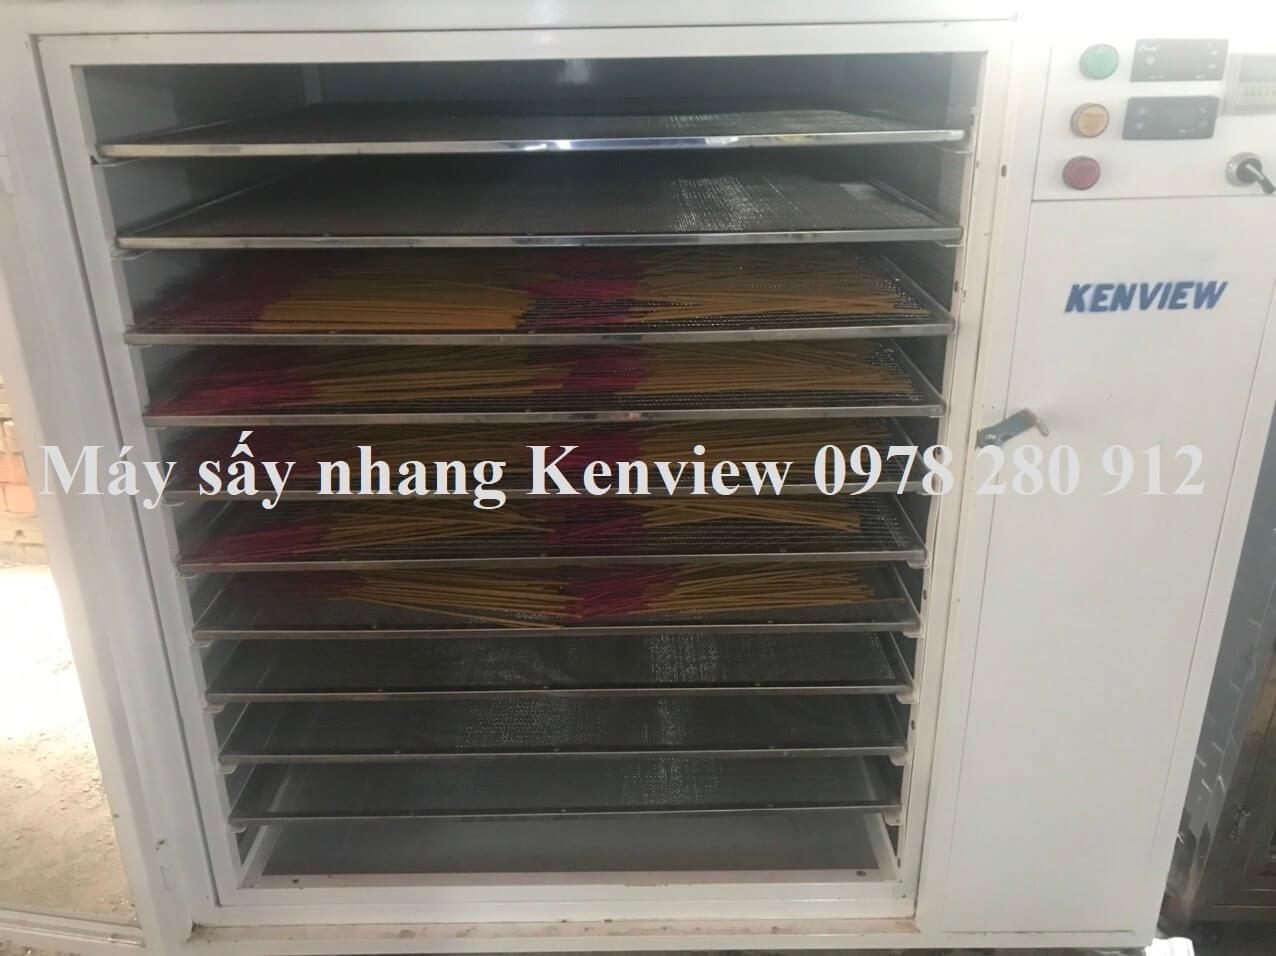 Máy sấy nhang Kenview tại Quảng Nam 0978 280 912